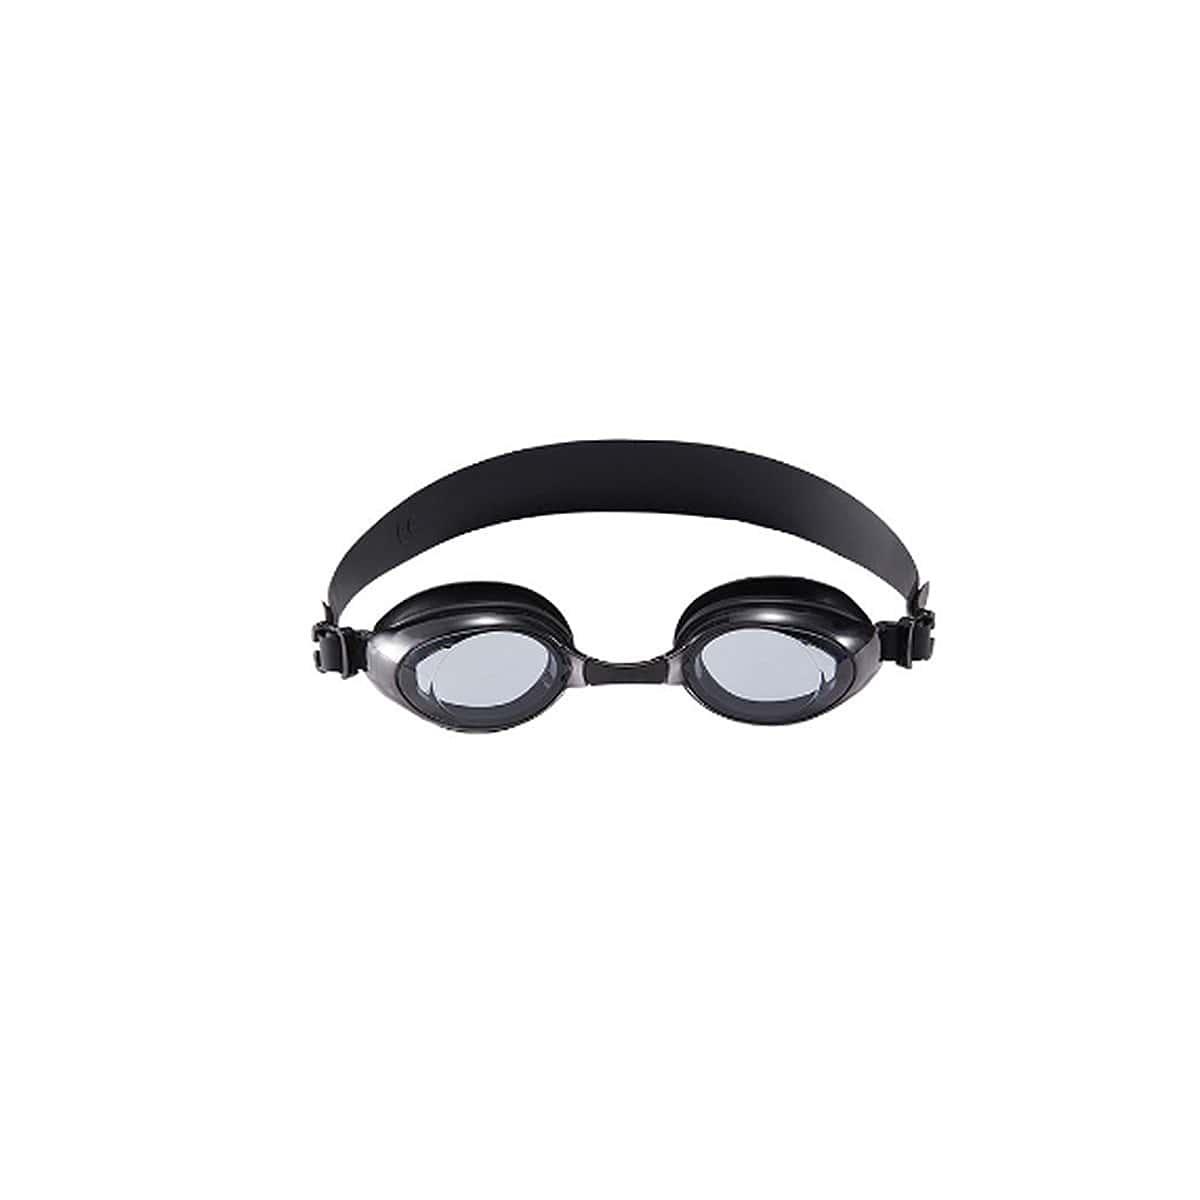 Водонепроницаемые противотуманные очки для плавания